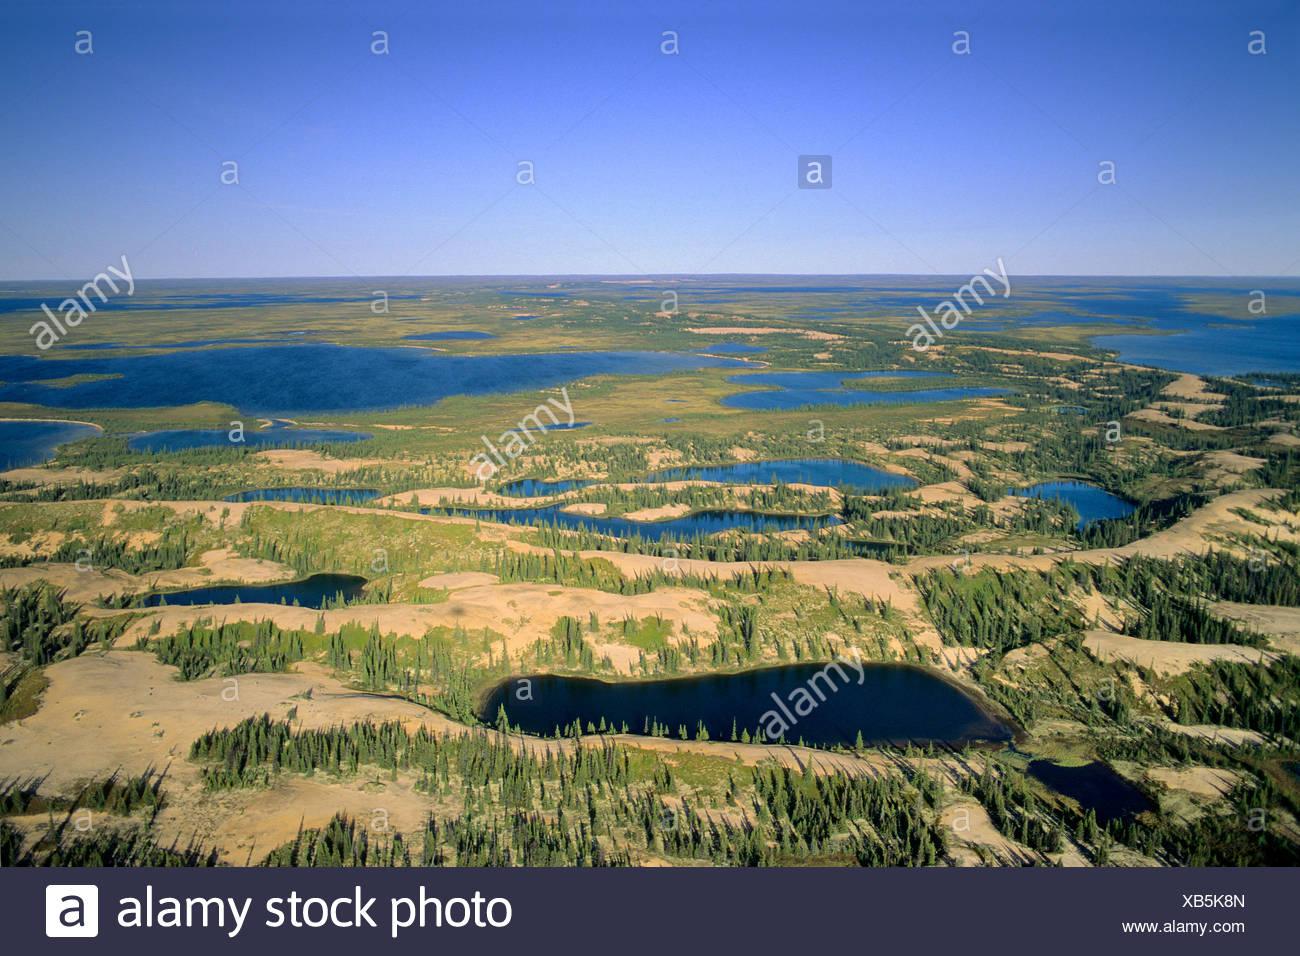 Howard Esker, Central Barrenlands, Nunavut, Arctic Canada